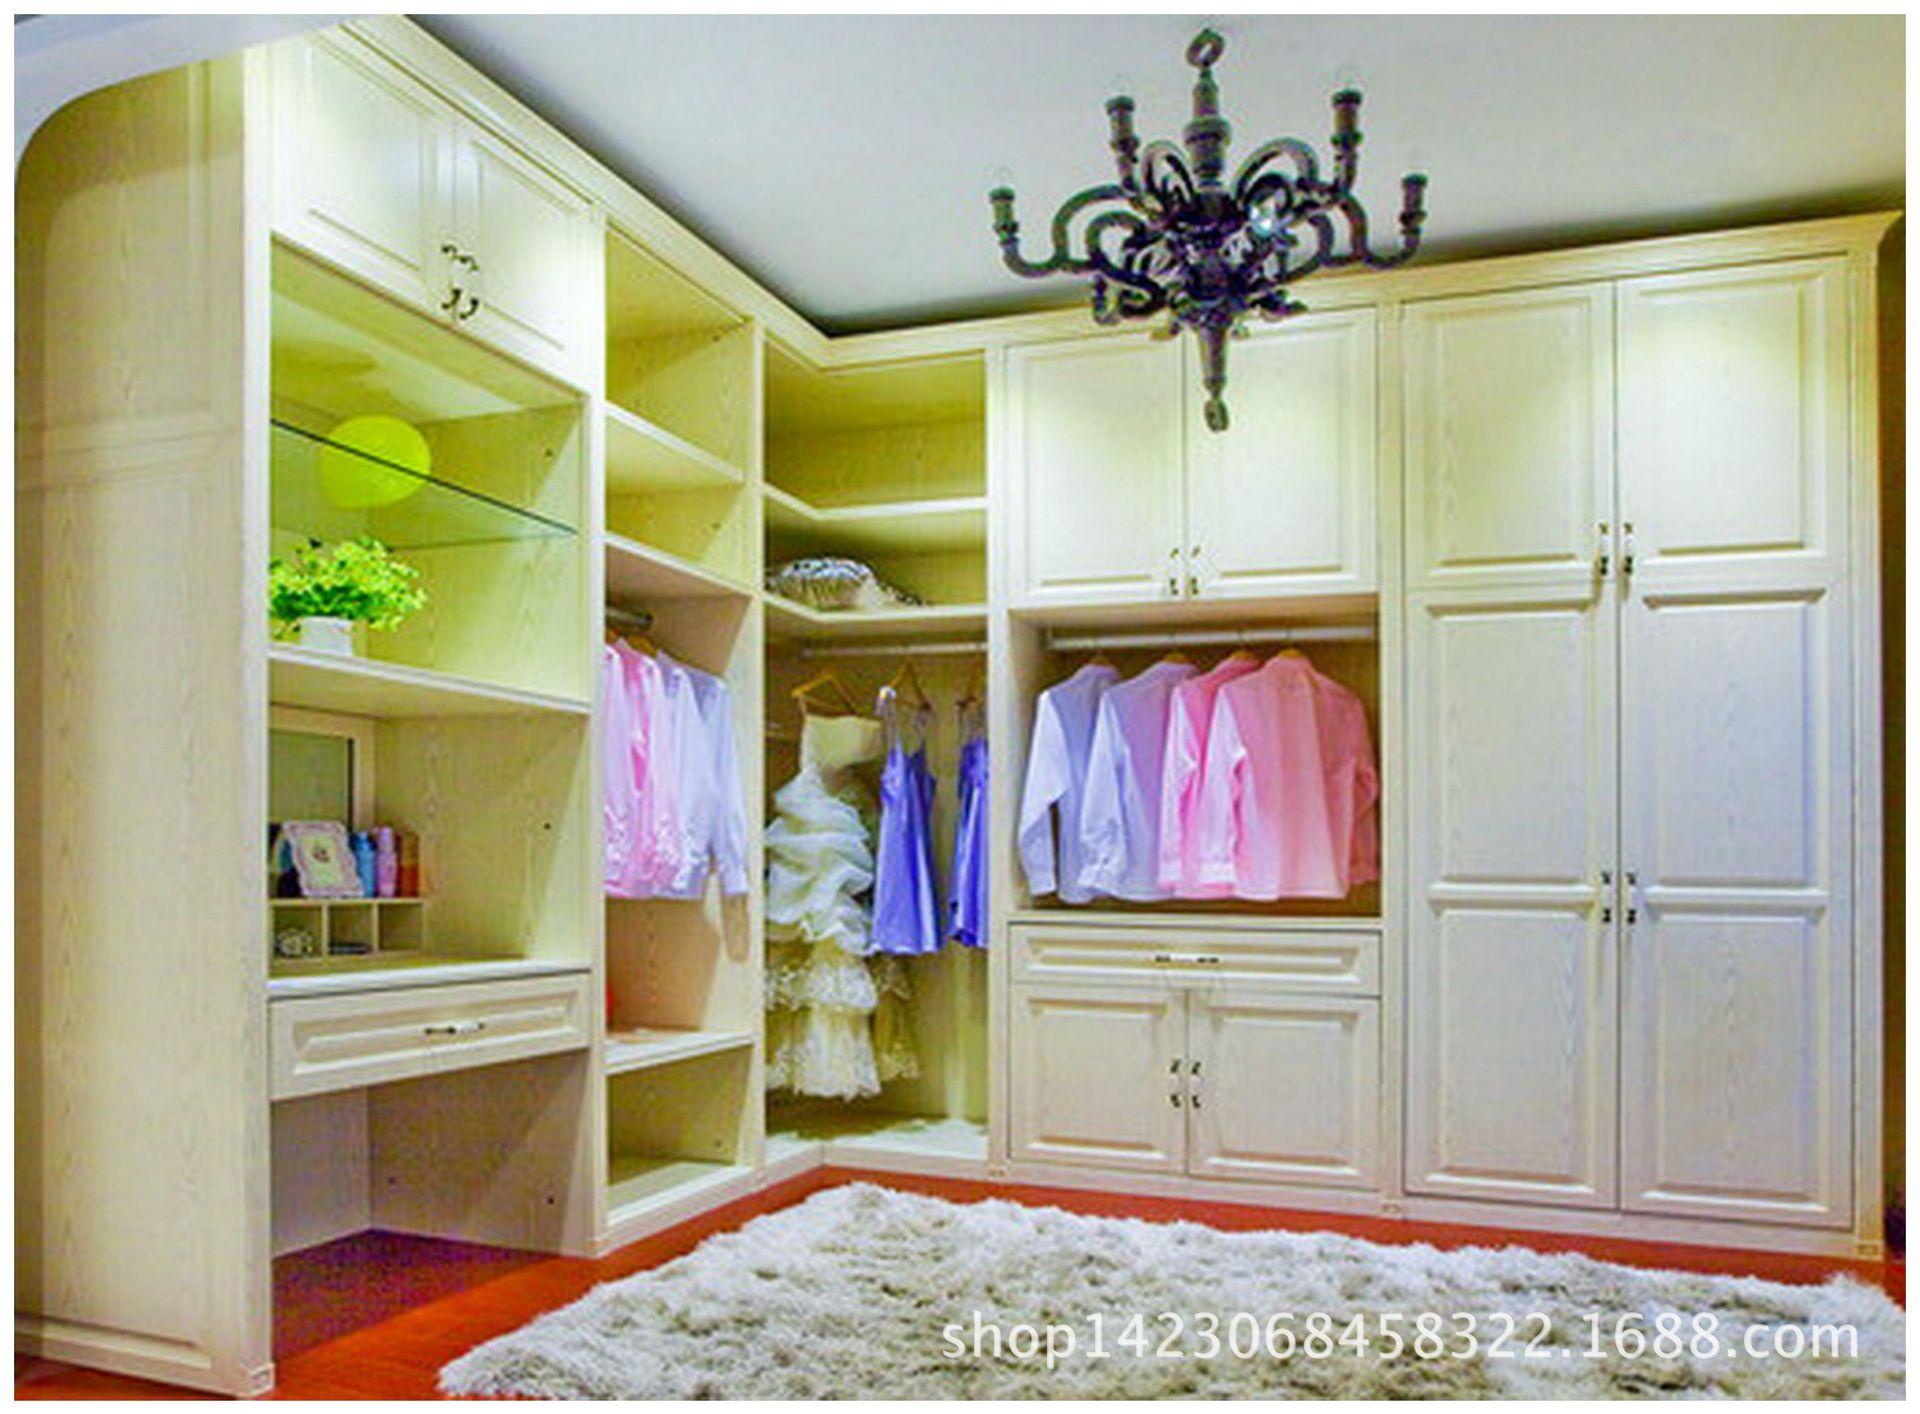 建材 厨房设施 厨房壁橱,橱柜 简欧pvc模压门板 订制衣柜橱柜酒柜书柜